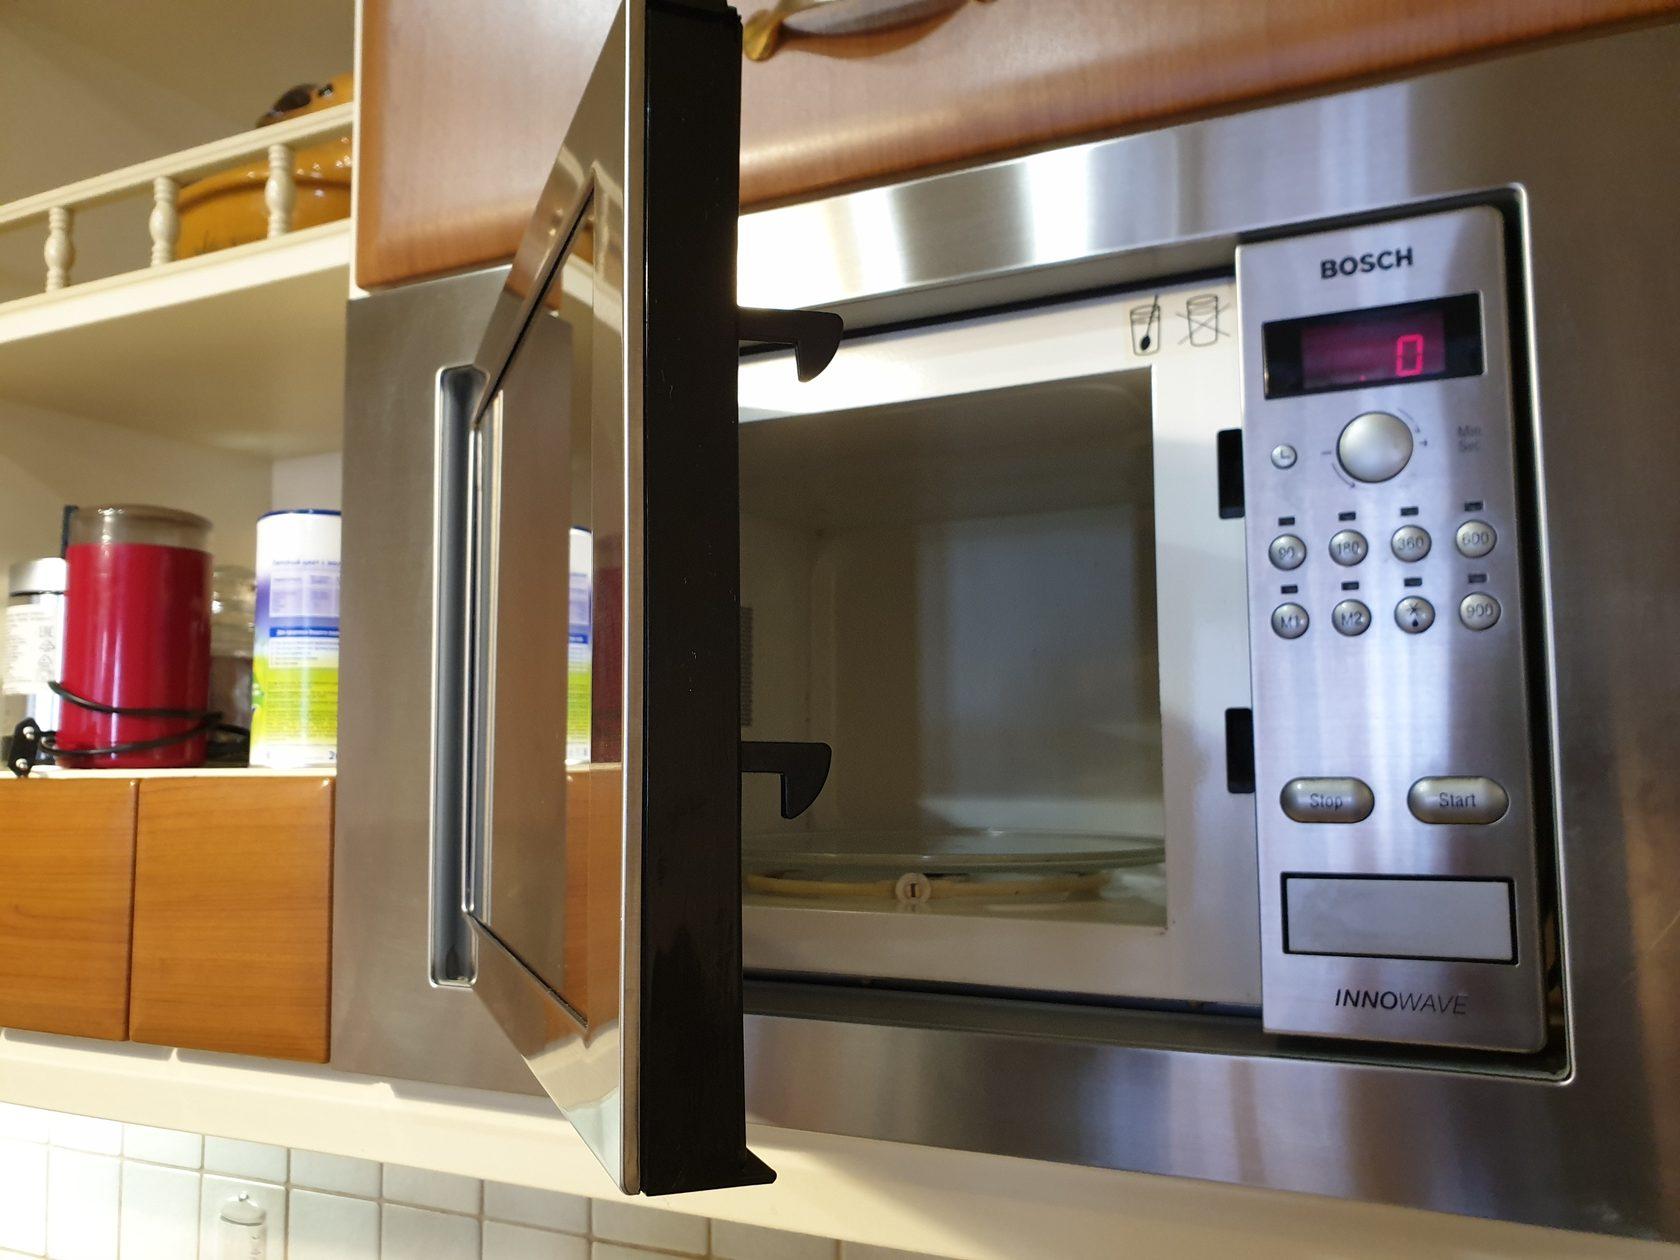 Микроволновая печь выбивает свет в квартире